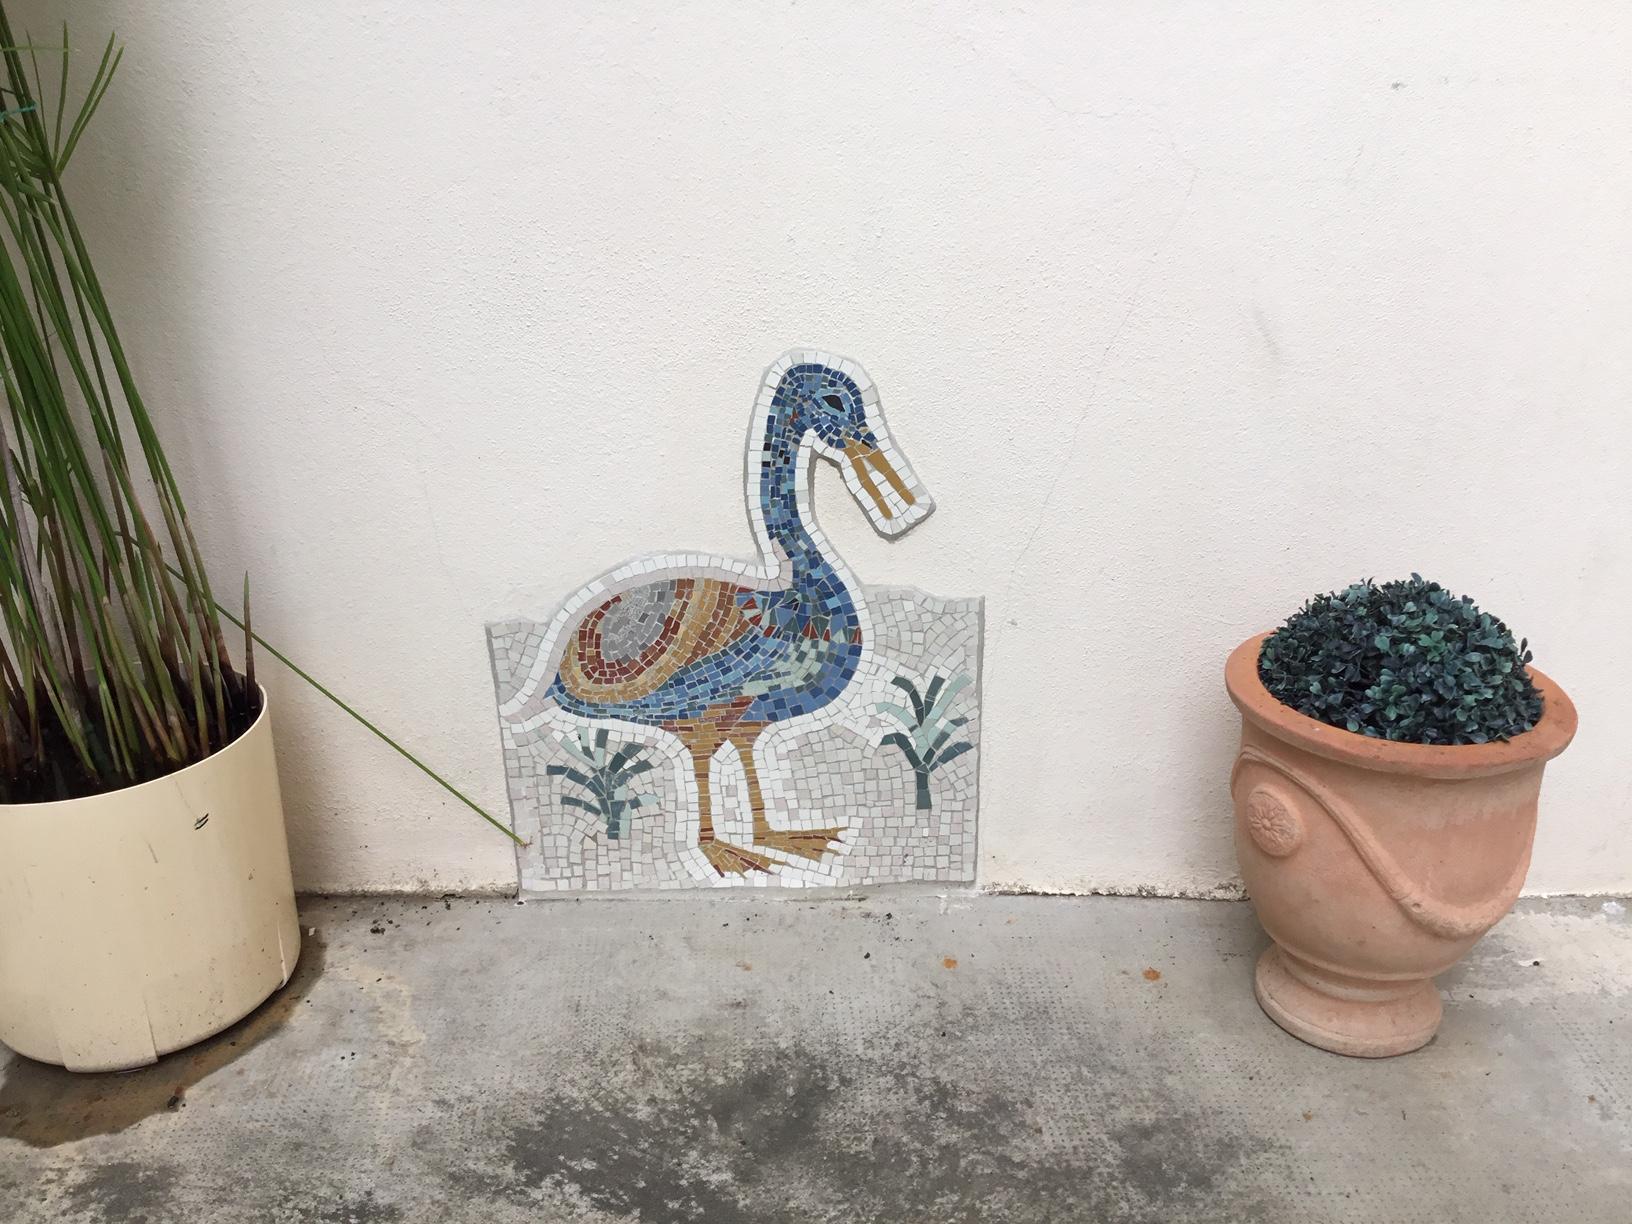 sur un mur de sa maison, un canard en grès cérame,